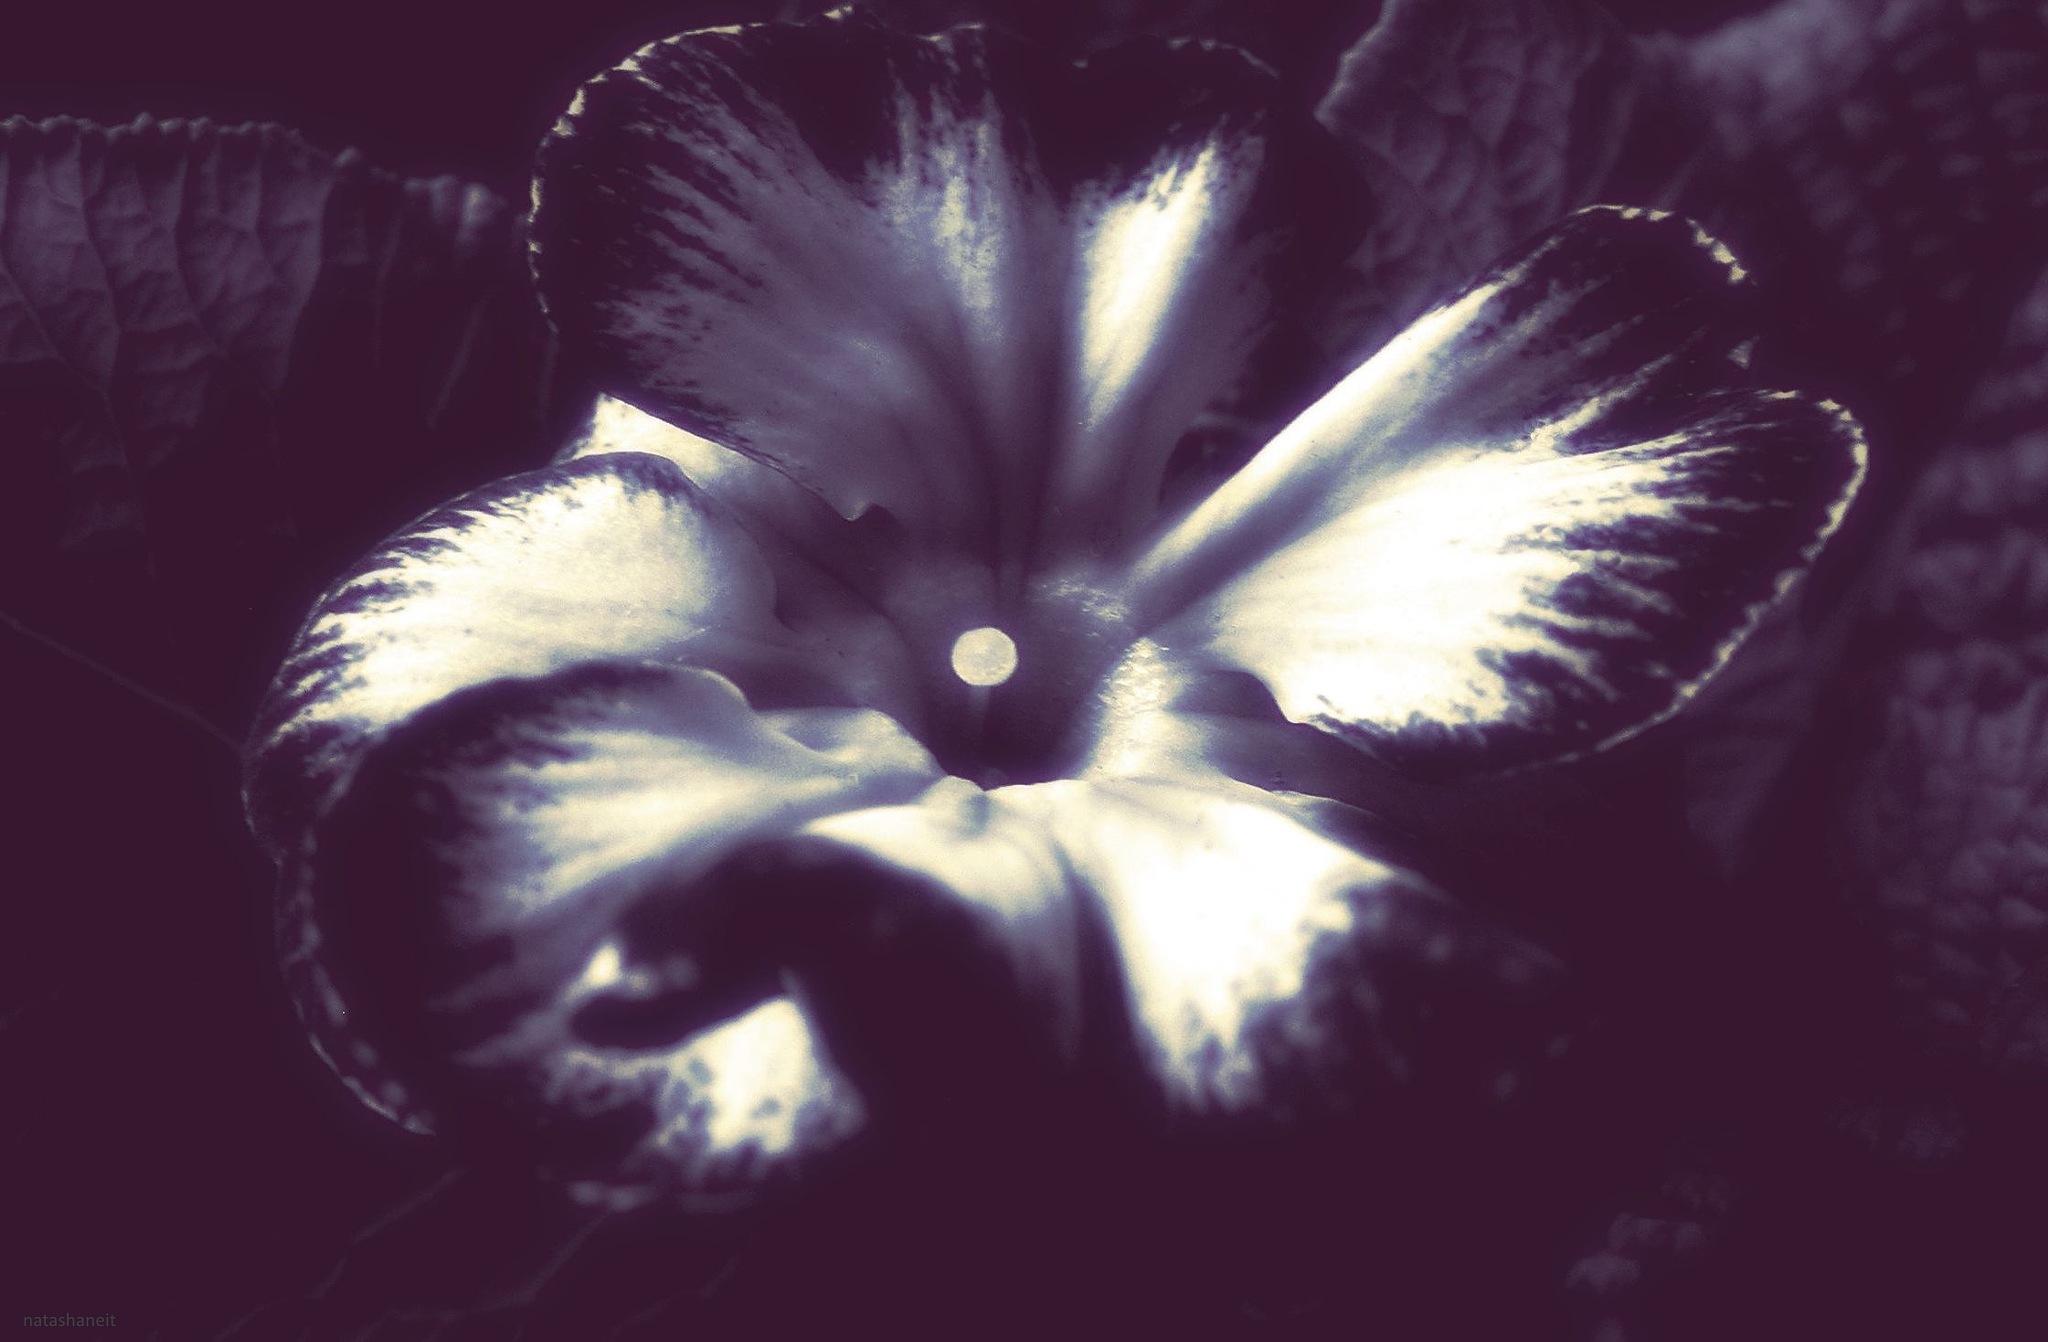 Flower by natashaneit